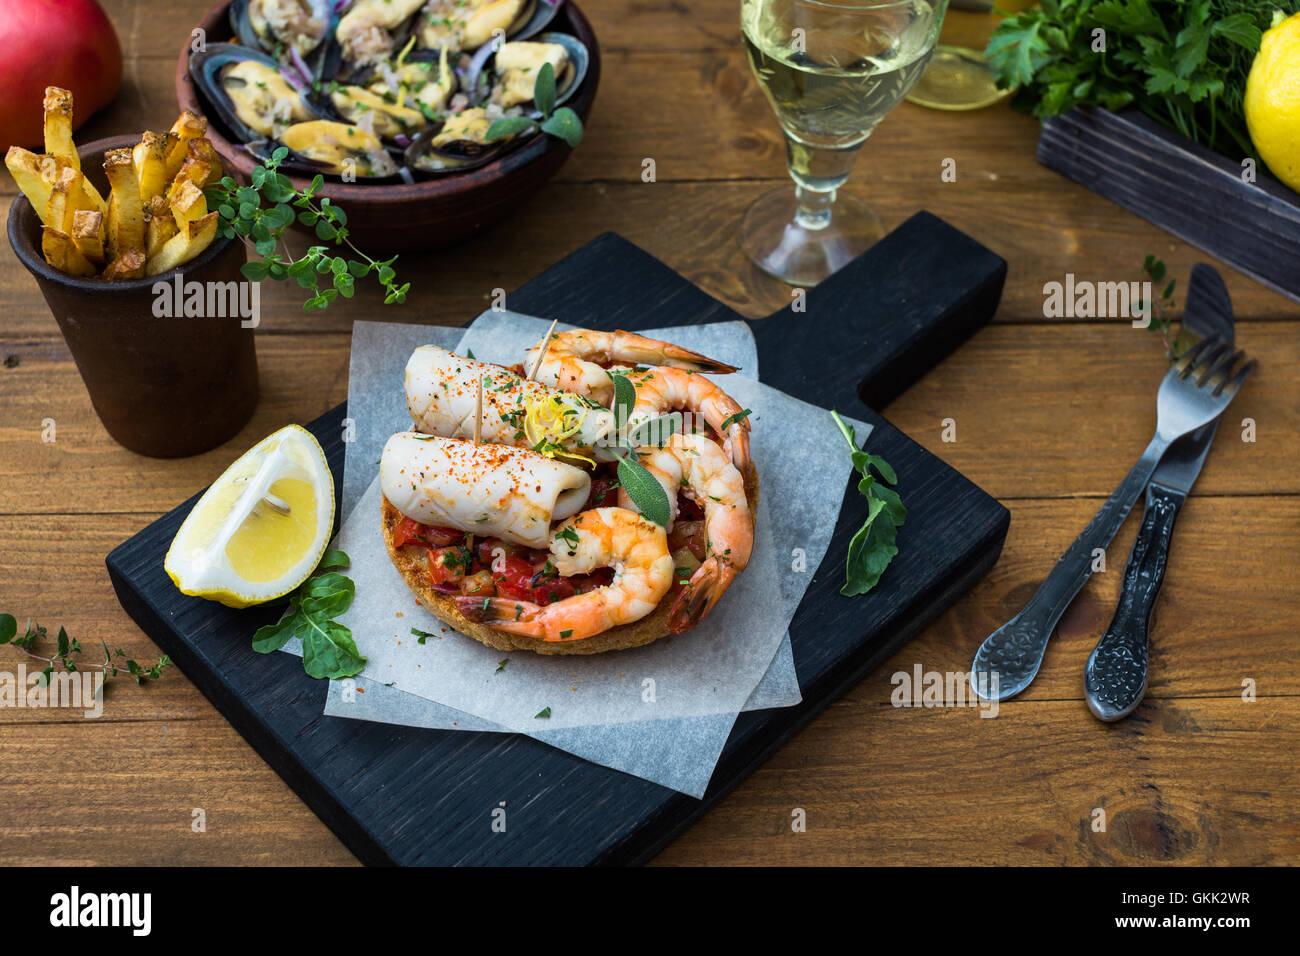 Comida italiana. La Bruschetta con calamares y langostinos, los tomates y el perejil. Imagen De Stock